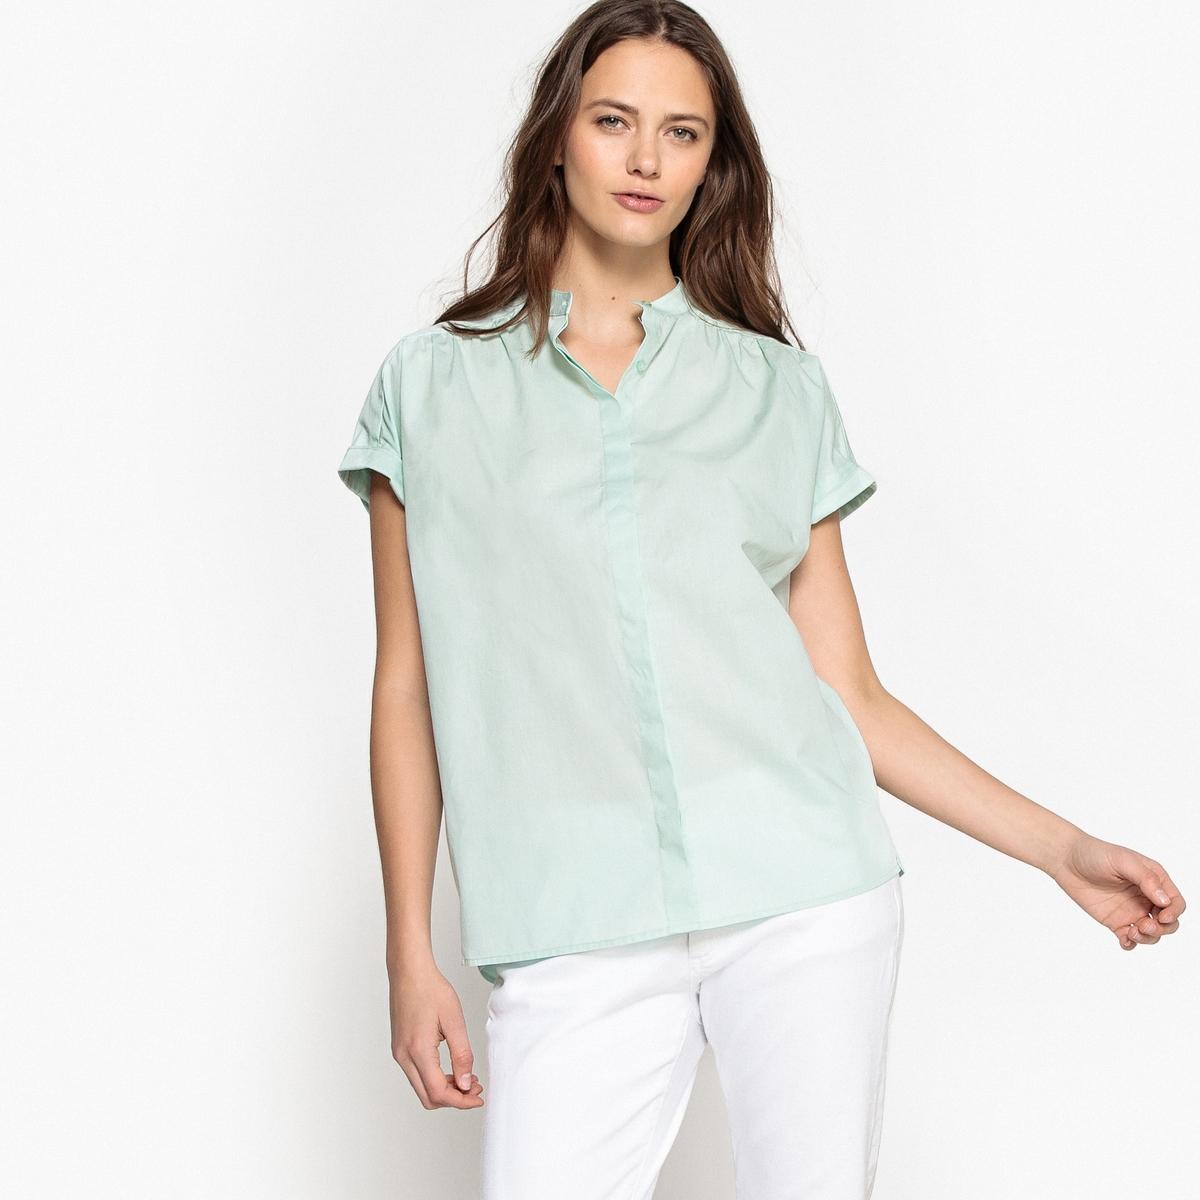 Camisa de corte direito, mangas curtas, puro algodão